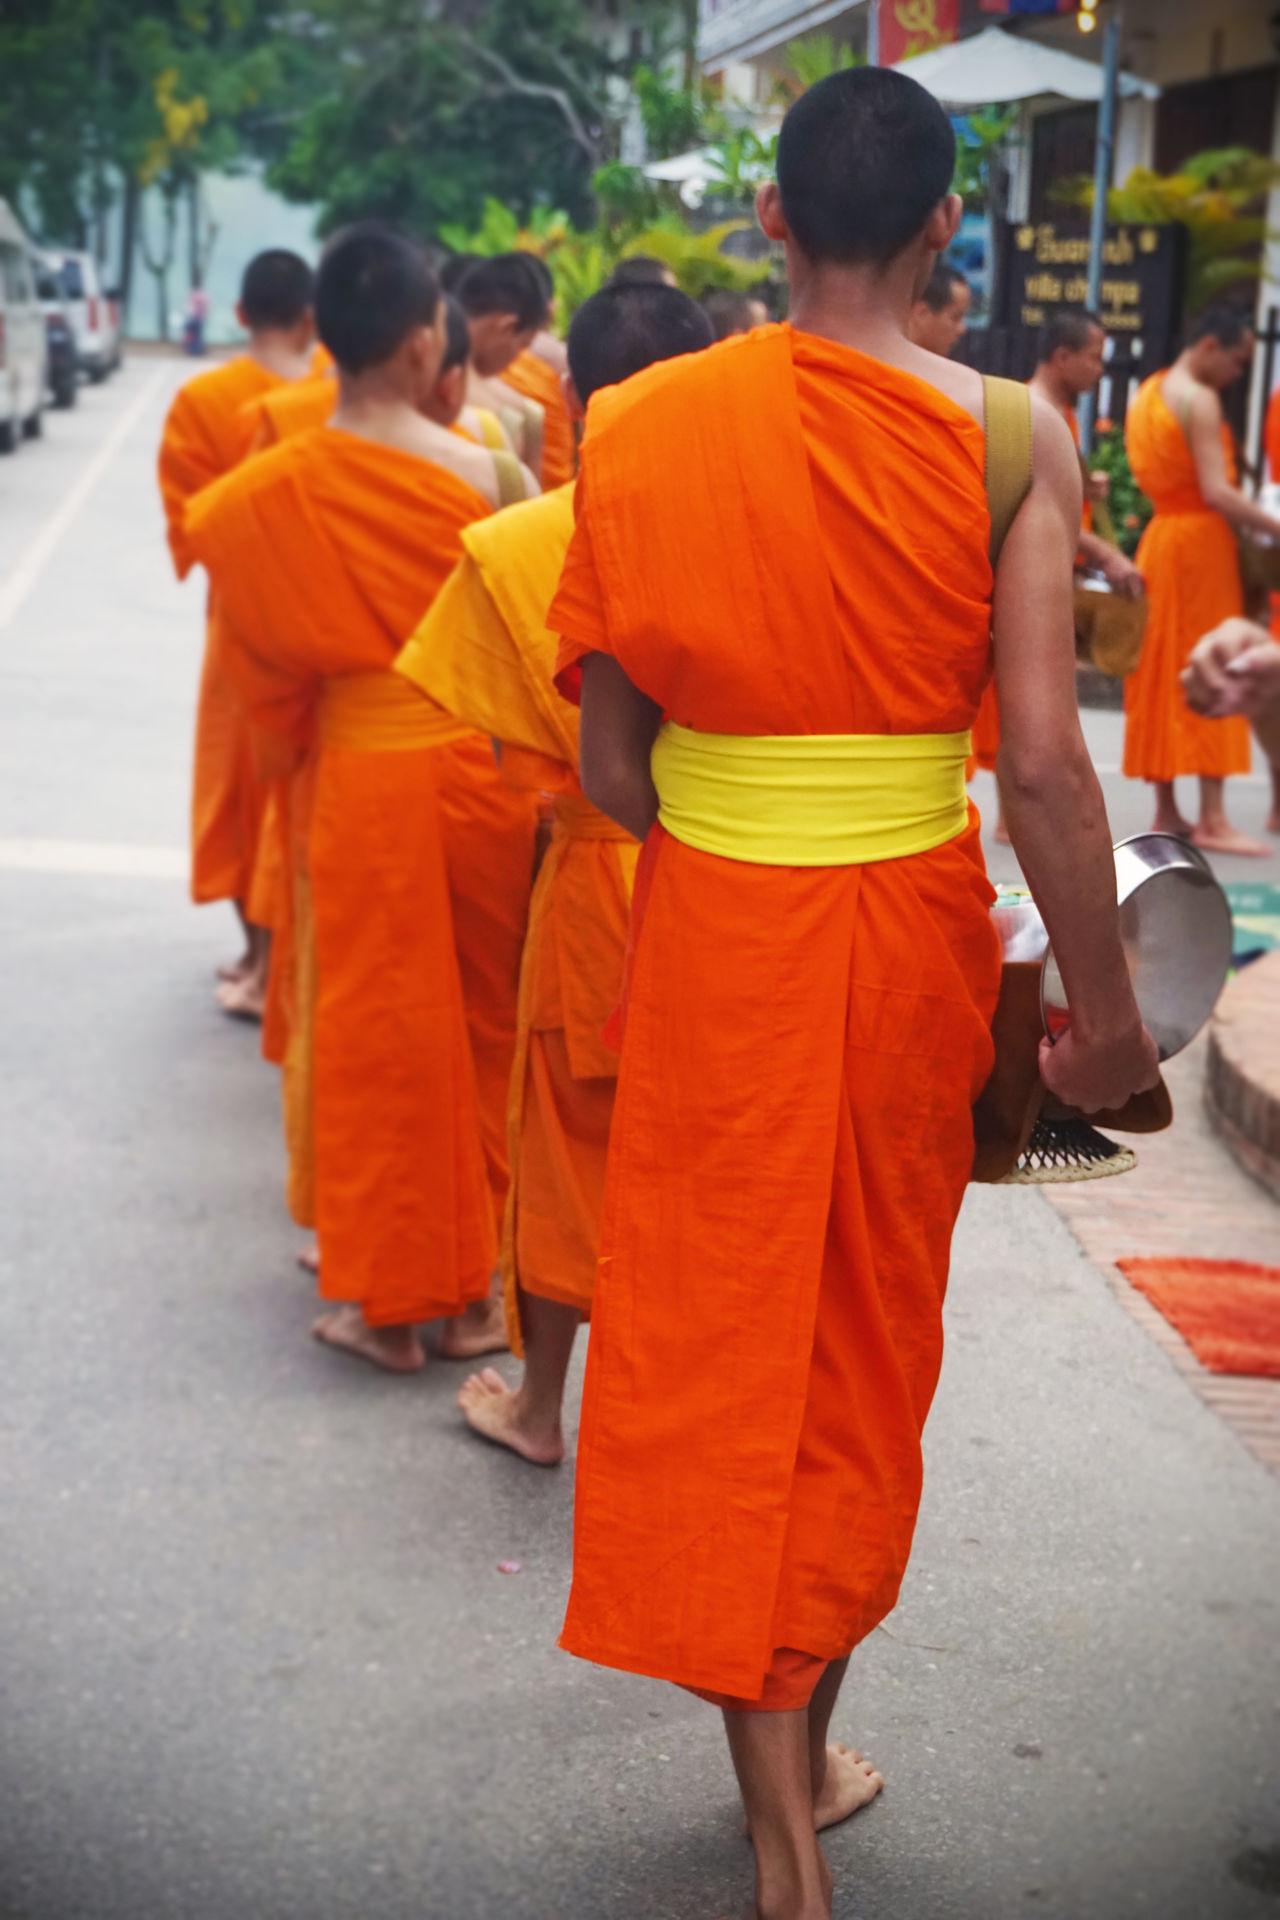 2017 Day Group Of People Laos Luang Phabang Luangprabang Men Morning Orange Outdoors Paindapatika People Real People Sanskrit Street World Heritage ラオス ルアンパバーン 御坊さん 托鉢 Religion Buddha Temple Monk